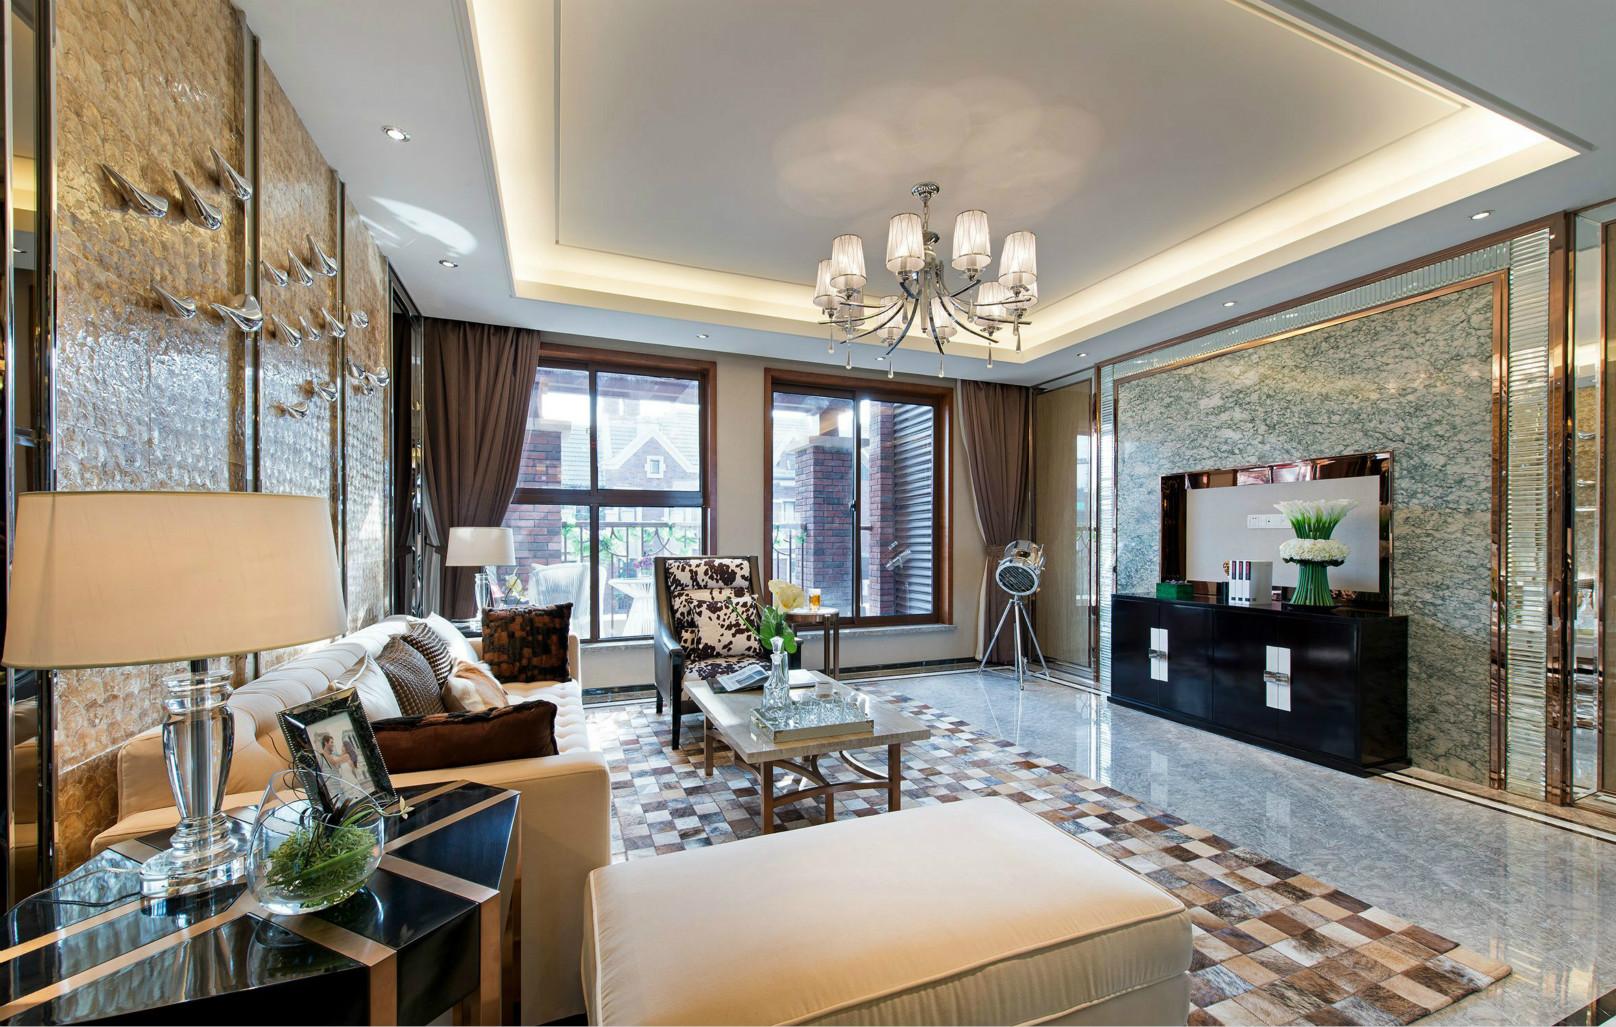 客厅一盏拥有美丽弧度的气氛灯。在充满时尚感的客厅中,会有画龙点睛的作用。